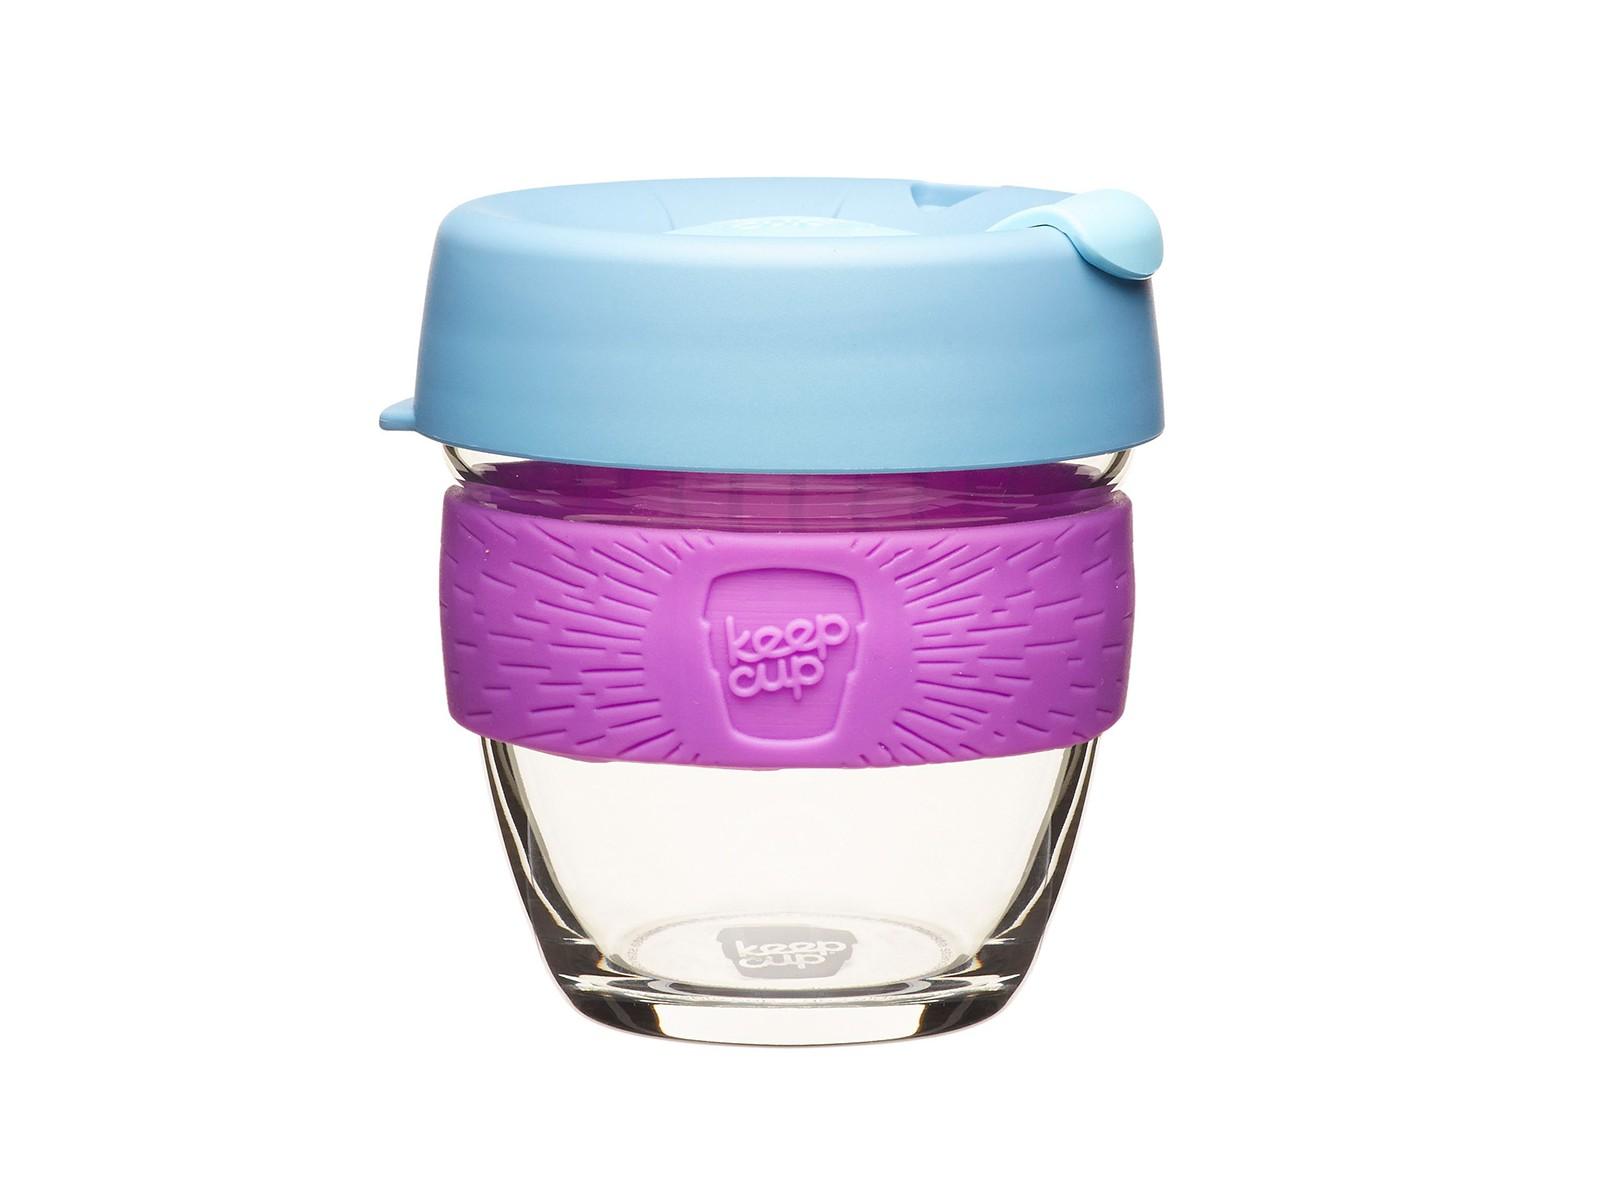 Кружка keepcup lavenderЧайные пары, чашки и кружки<br>Главная идея KeepCup – вдохновить любителей кофе отказаться от использования одноразовых бумажных и пластиковых стаканов, так как их производство и утилизация наносят вред окружающей среде. В год производится и выбрасывается около 500 миллиардов одноразовых стаканчиков, а ведь планета у нас всего одна! <br>Но главный плюс кружки  – привлекательный и яркий дизайн, который станет отражением вашего личного стиля. Берите её в кафе или наливайте кофе, чай, сок дома, чтобы взять с собой - пить вкусные напитки на ходу, на работе или на пикнике. Специальная крышка с открывающимся и закрывающимся клапаном спасет от брызг, а силиконовый ободок поможет не обжечься (плюс, удобно держать кружку в руках.<br>Крышка сделана из нетоксичного пластика без содержания вредного бисфенола (BPA-free). Корпус - из закаленного стекла, устойчивого к термическому и механическому воздействию. Разработана и произведена в Австралии.&amp;lt;div&amp;gt;&amp;lt;br&amp;gt;&amp;lt;/div&amp;gt;&amp;lt;div&amp;gt;Объем: 227 мл.&amp;lt;br&amp;gt;&amp;lt;/div&amp;gt;<br><br>Material: Стекло<br>Высота см: 11